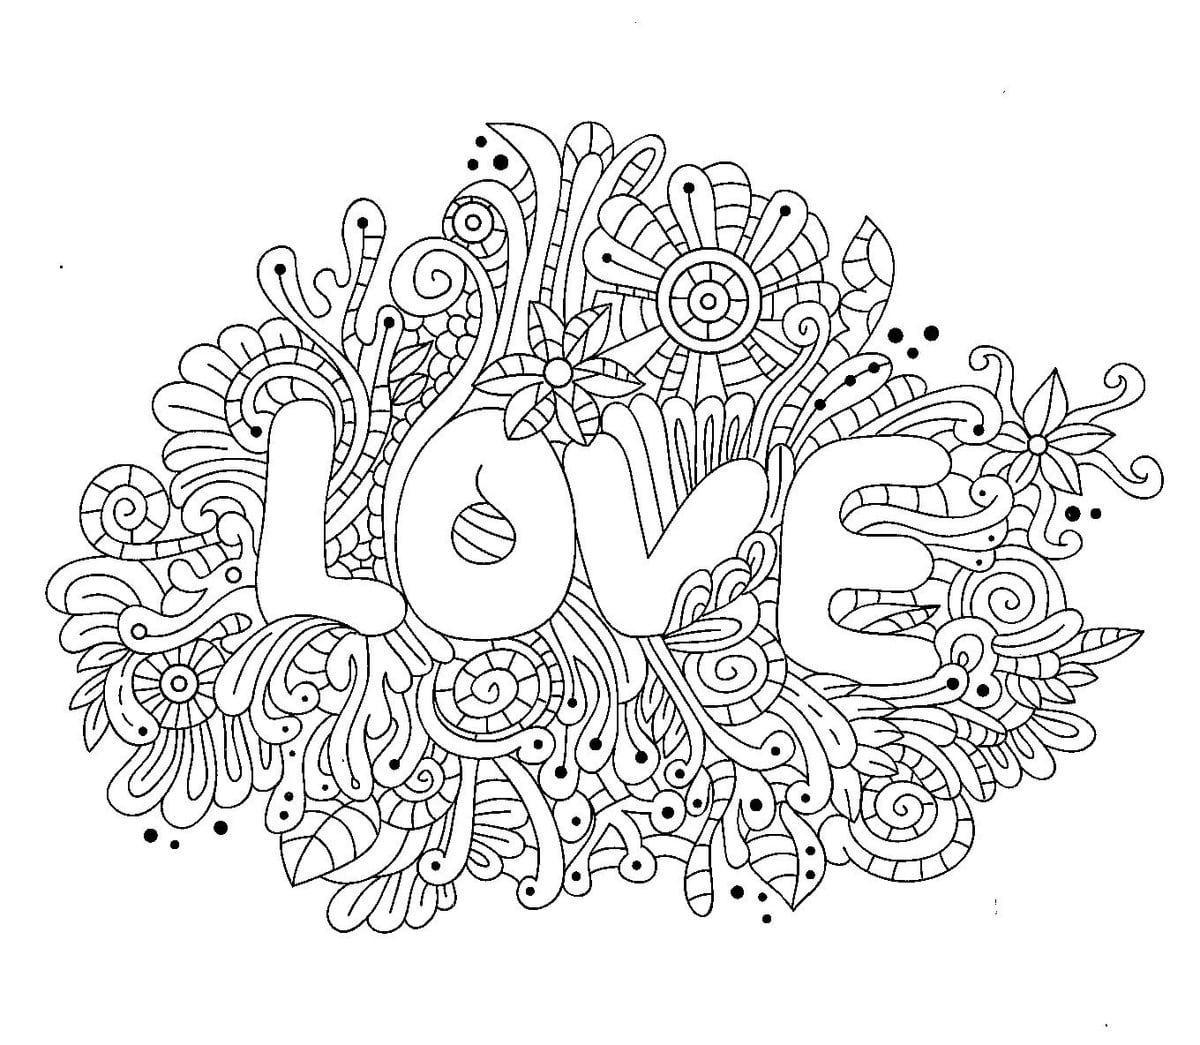 сложные раскраски для девочек 10 12 лет распечатайте онлайн